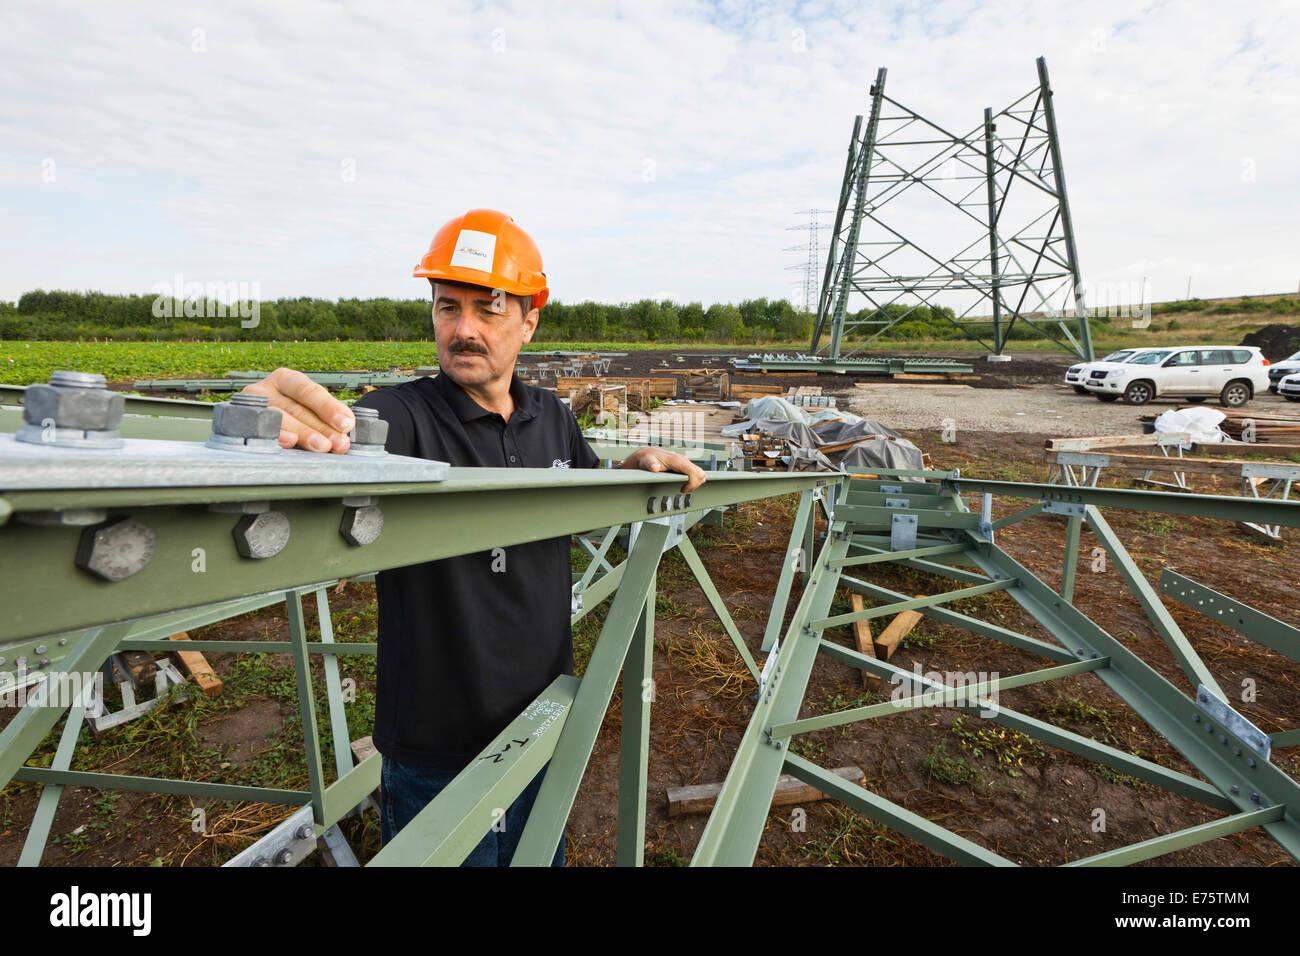 Ingenieur, Schraubverbindungen auf Segmente der extra Hochspannungsmasten von einer 380 kV Höchstspannung Hochspannungsleitung Stockbild